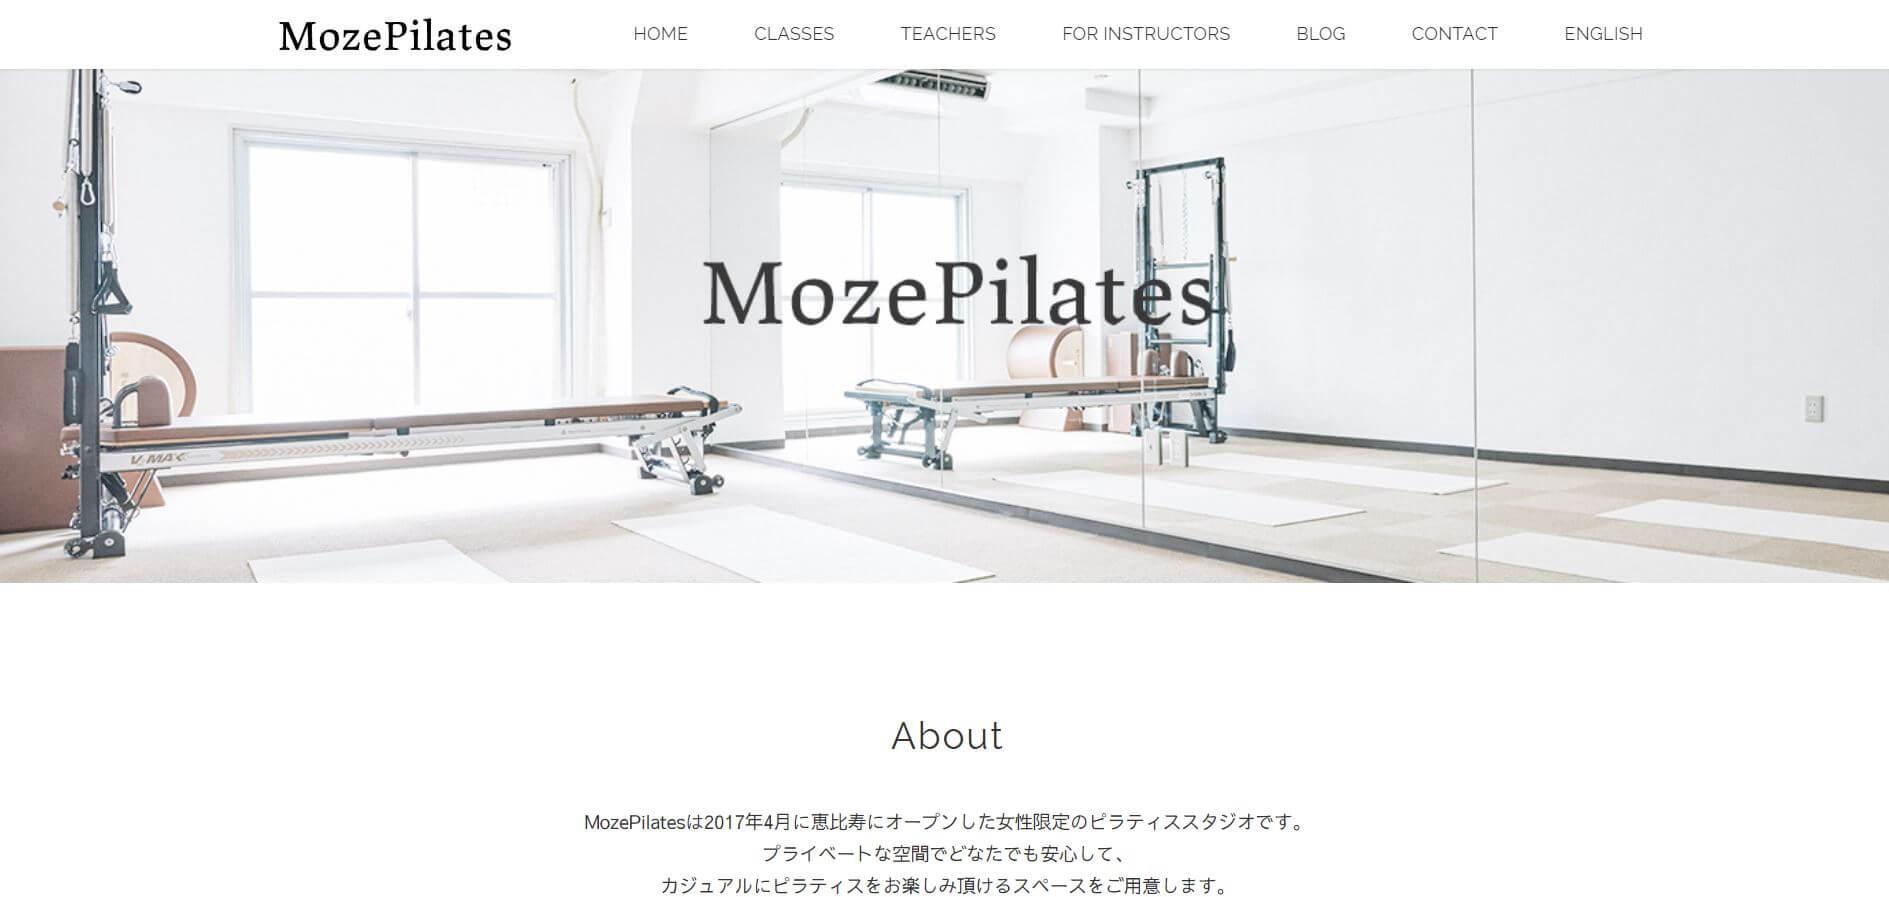 MozePilates